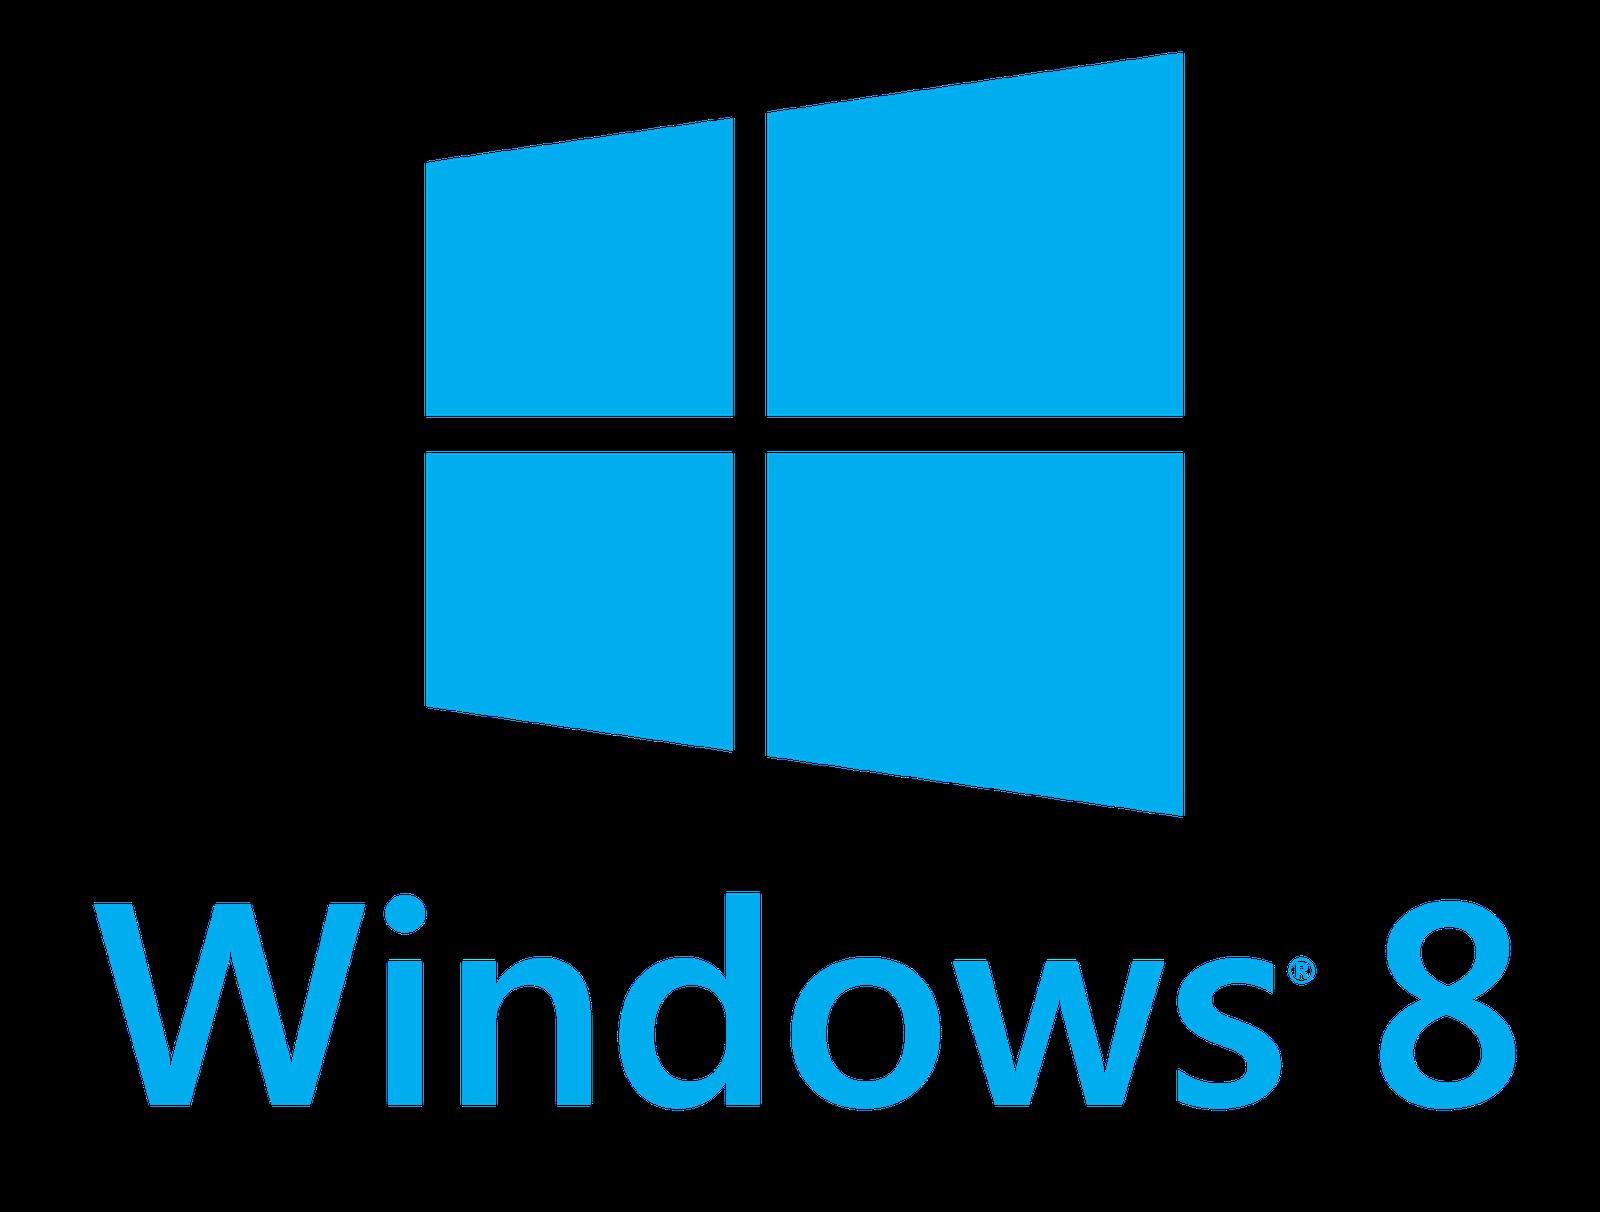 Microsoft Windows 8'e desteğini sonlandırdı